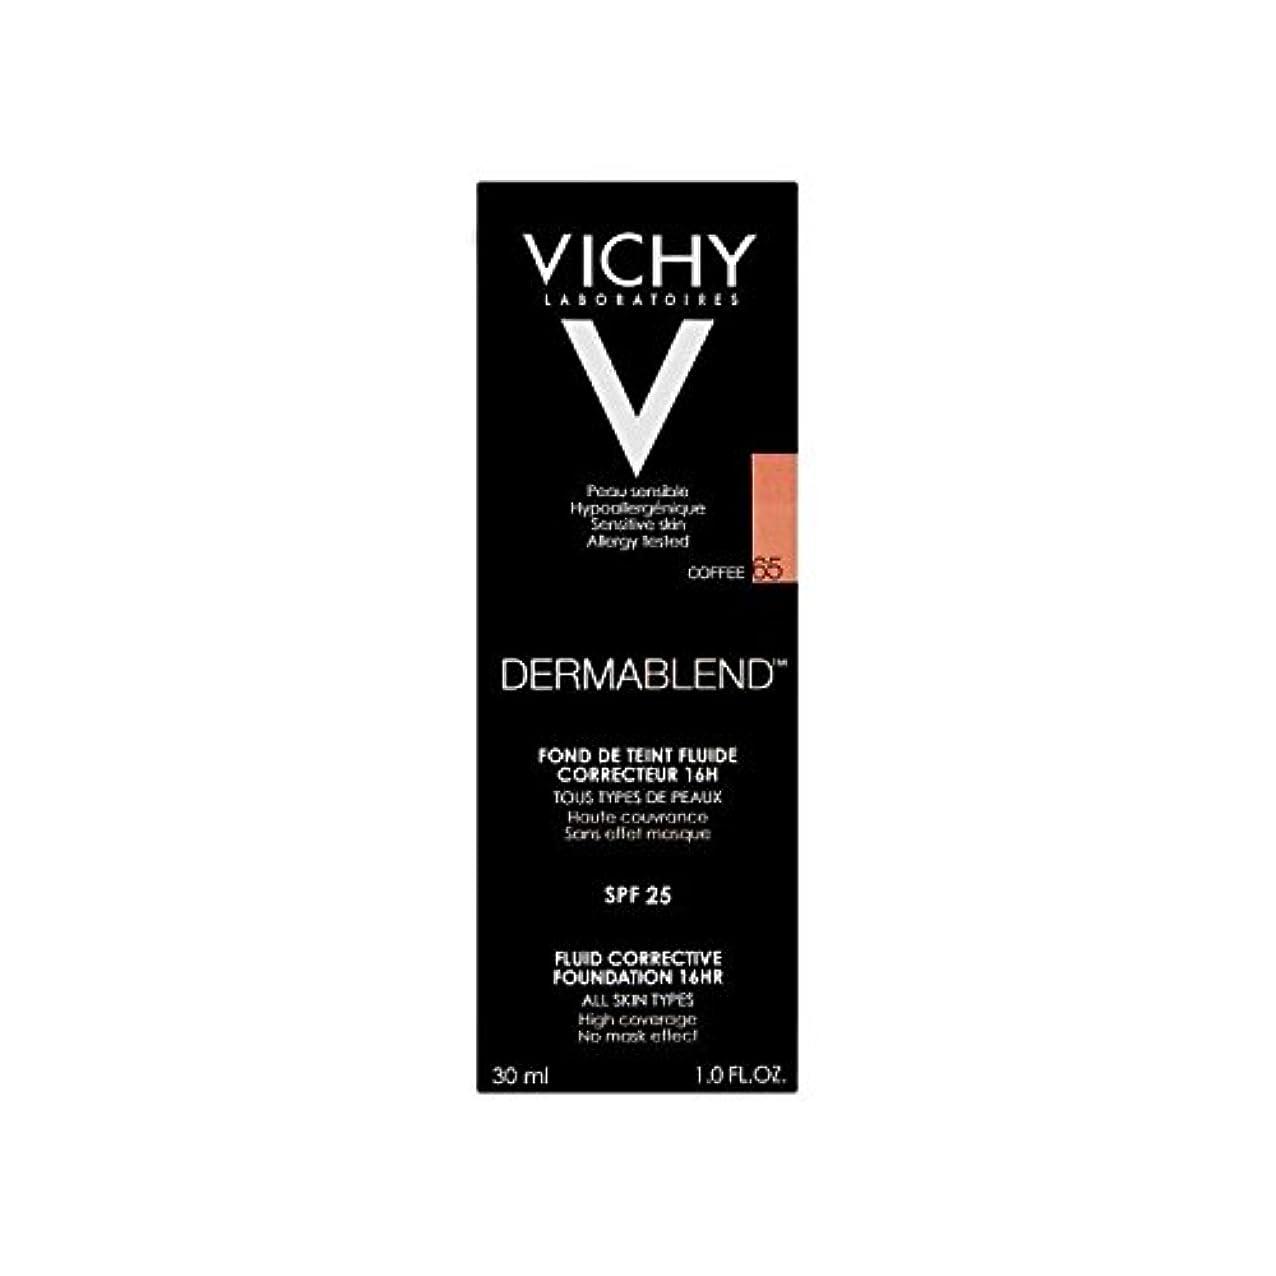 セマフォプランターバイオレットヴィシー是正流体の基礎30ミリリットルのコーヒー65 x4 - Vichy Dermablend Corrective Fluid Foundation 30ml Coffee 65 (Pack of 4) [並行輸入品]